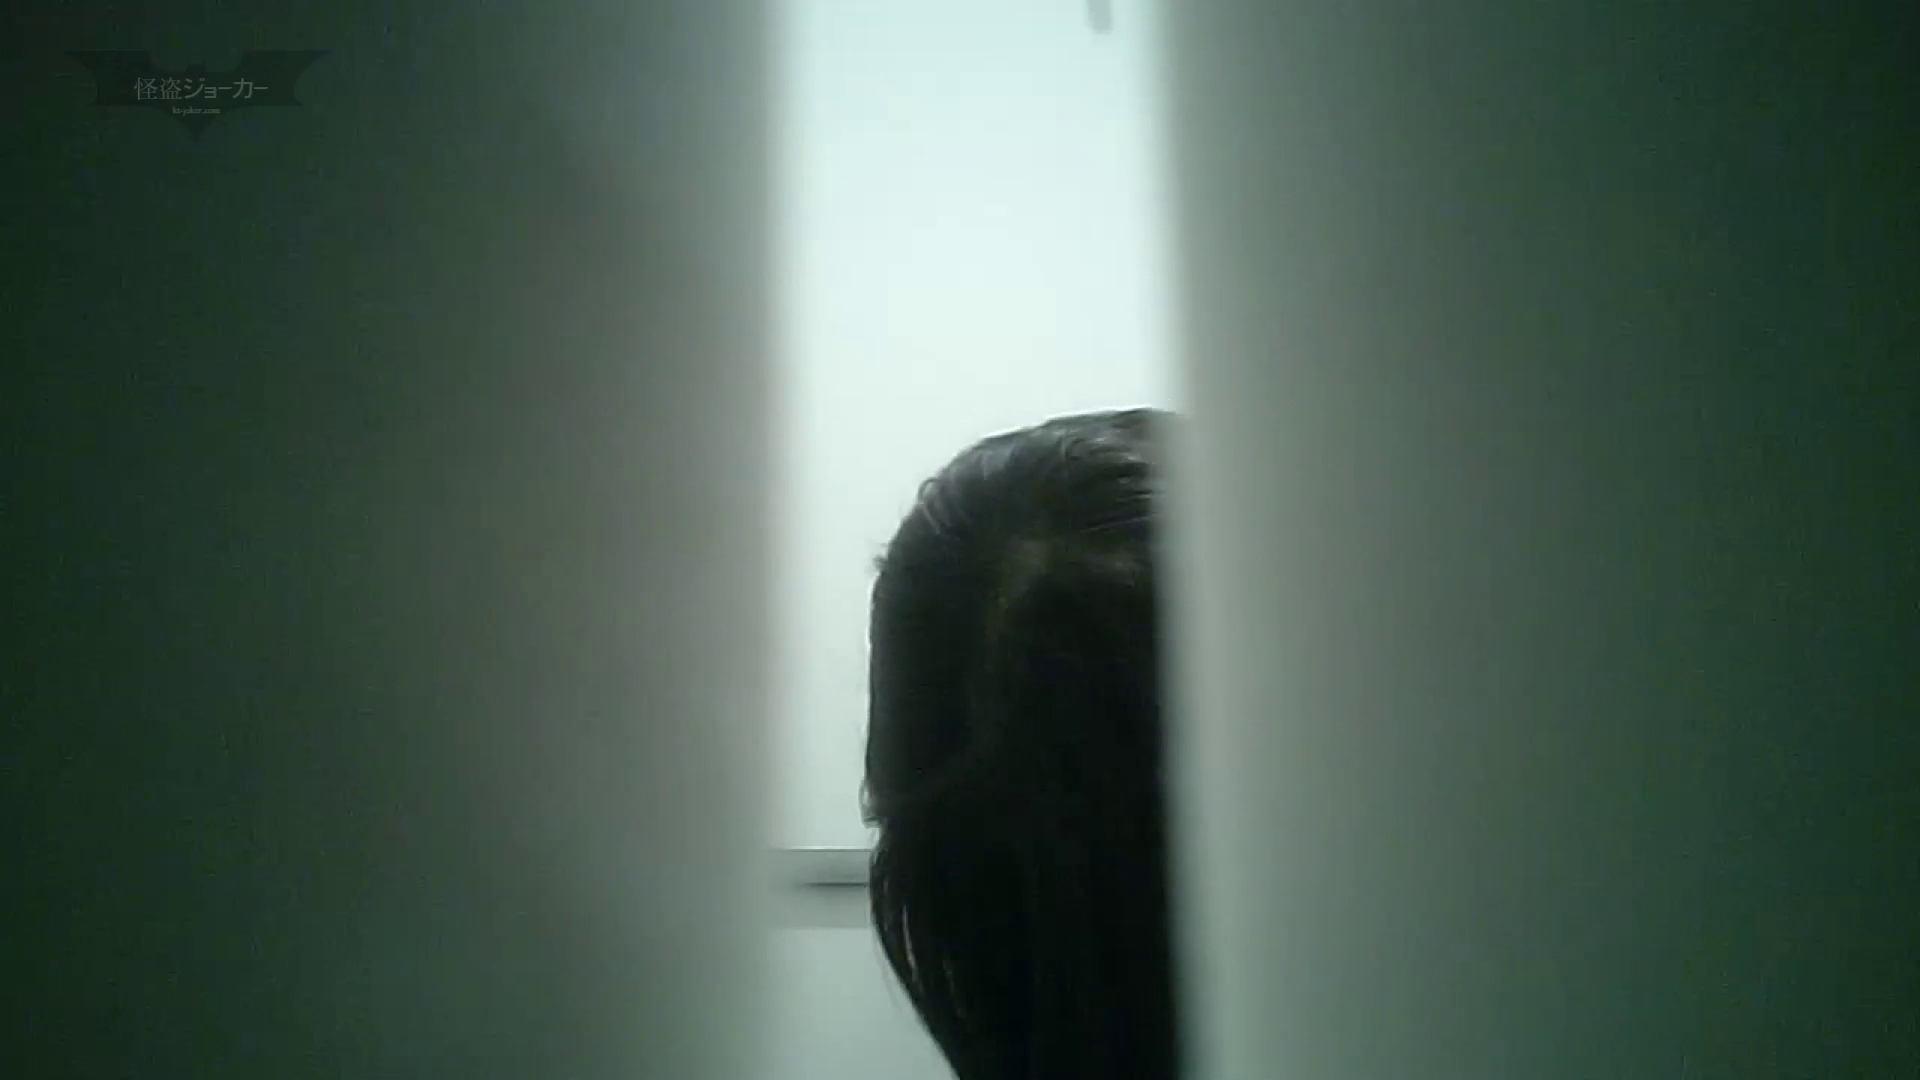 有名大学女性洗面所 vol.57 S級美女マルチアングル撮り!! マルチアングル  80PIX 41